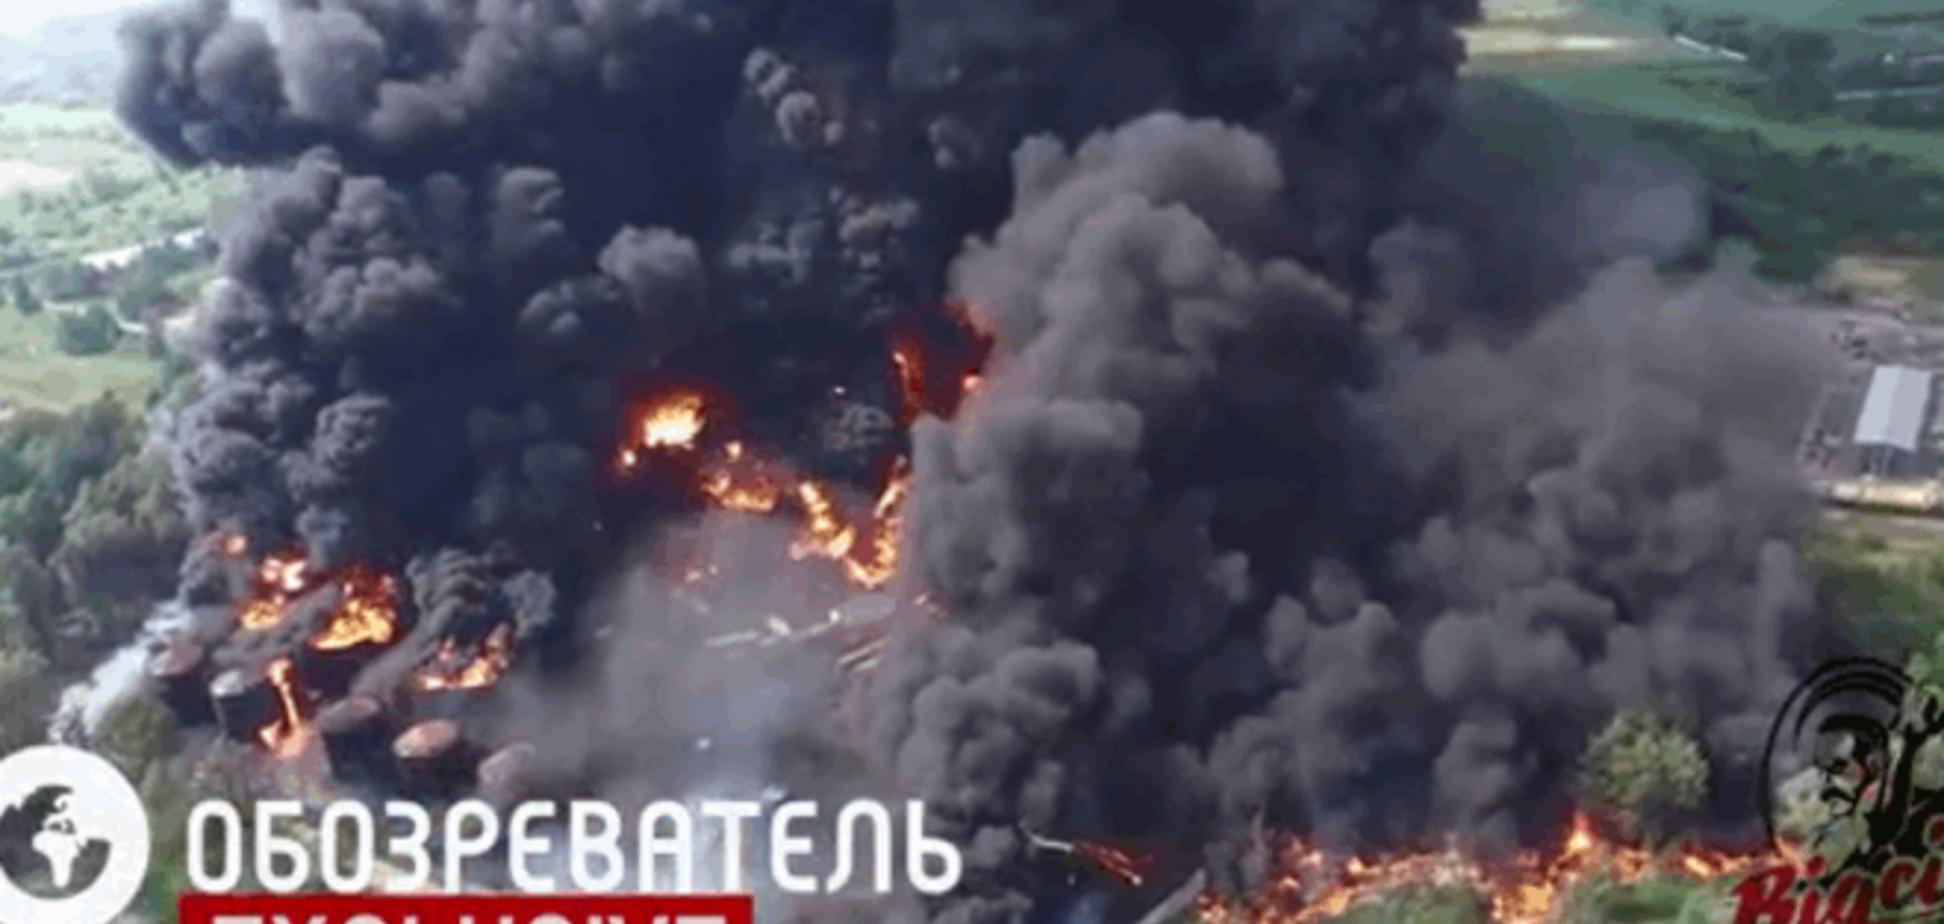 Яценюк хочет строго наказать руководство горящей нефтебазы